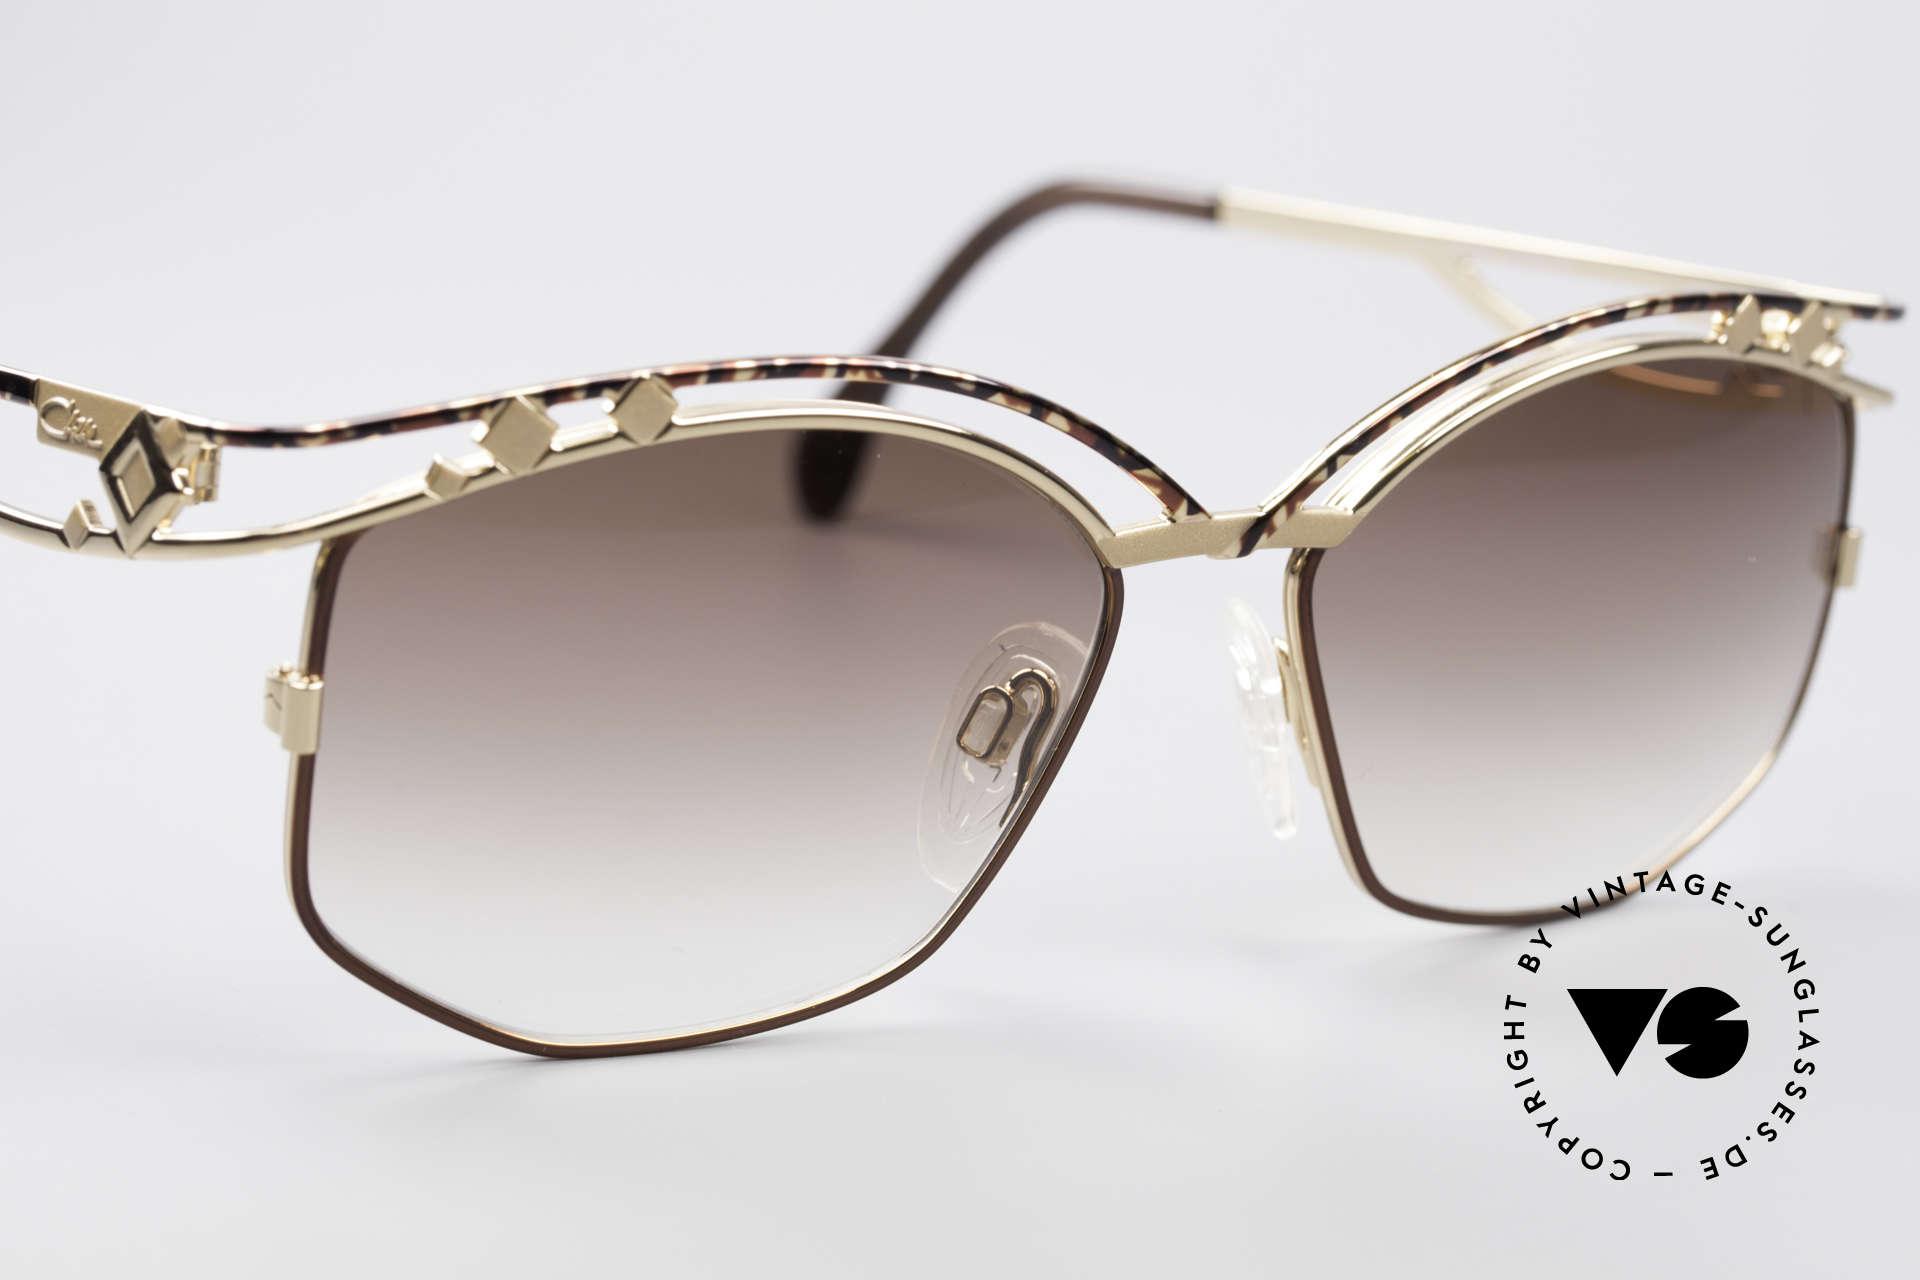 Cazal 280 Designer Damen Sonnenbrille, ungetragen (wie alle unsere vintage Cazal Brillen), Passend für Damen